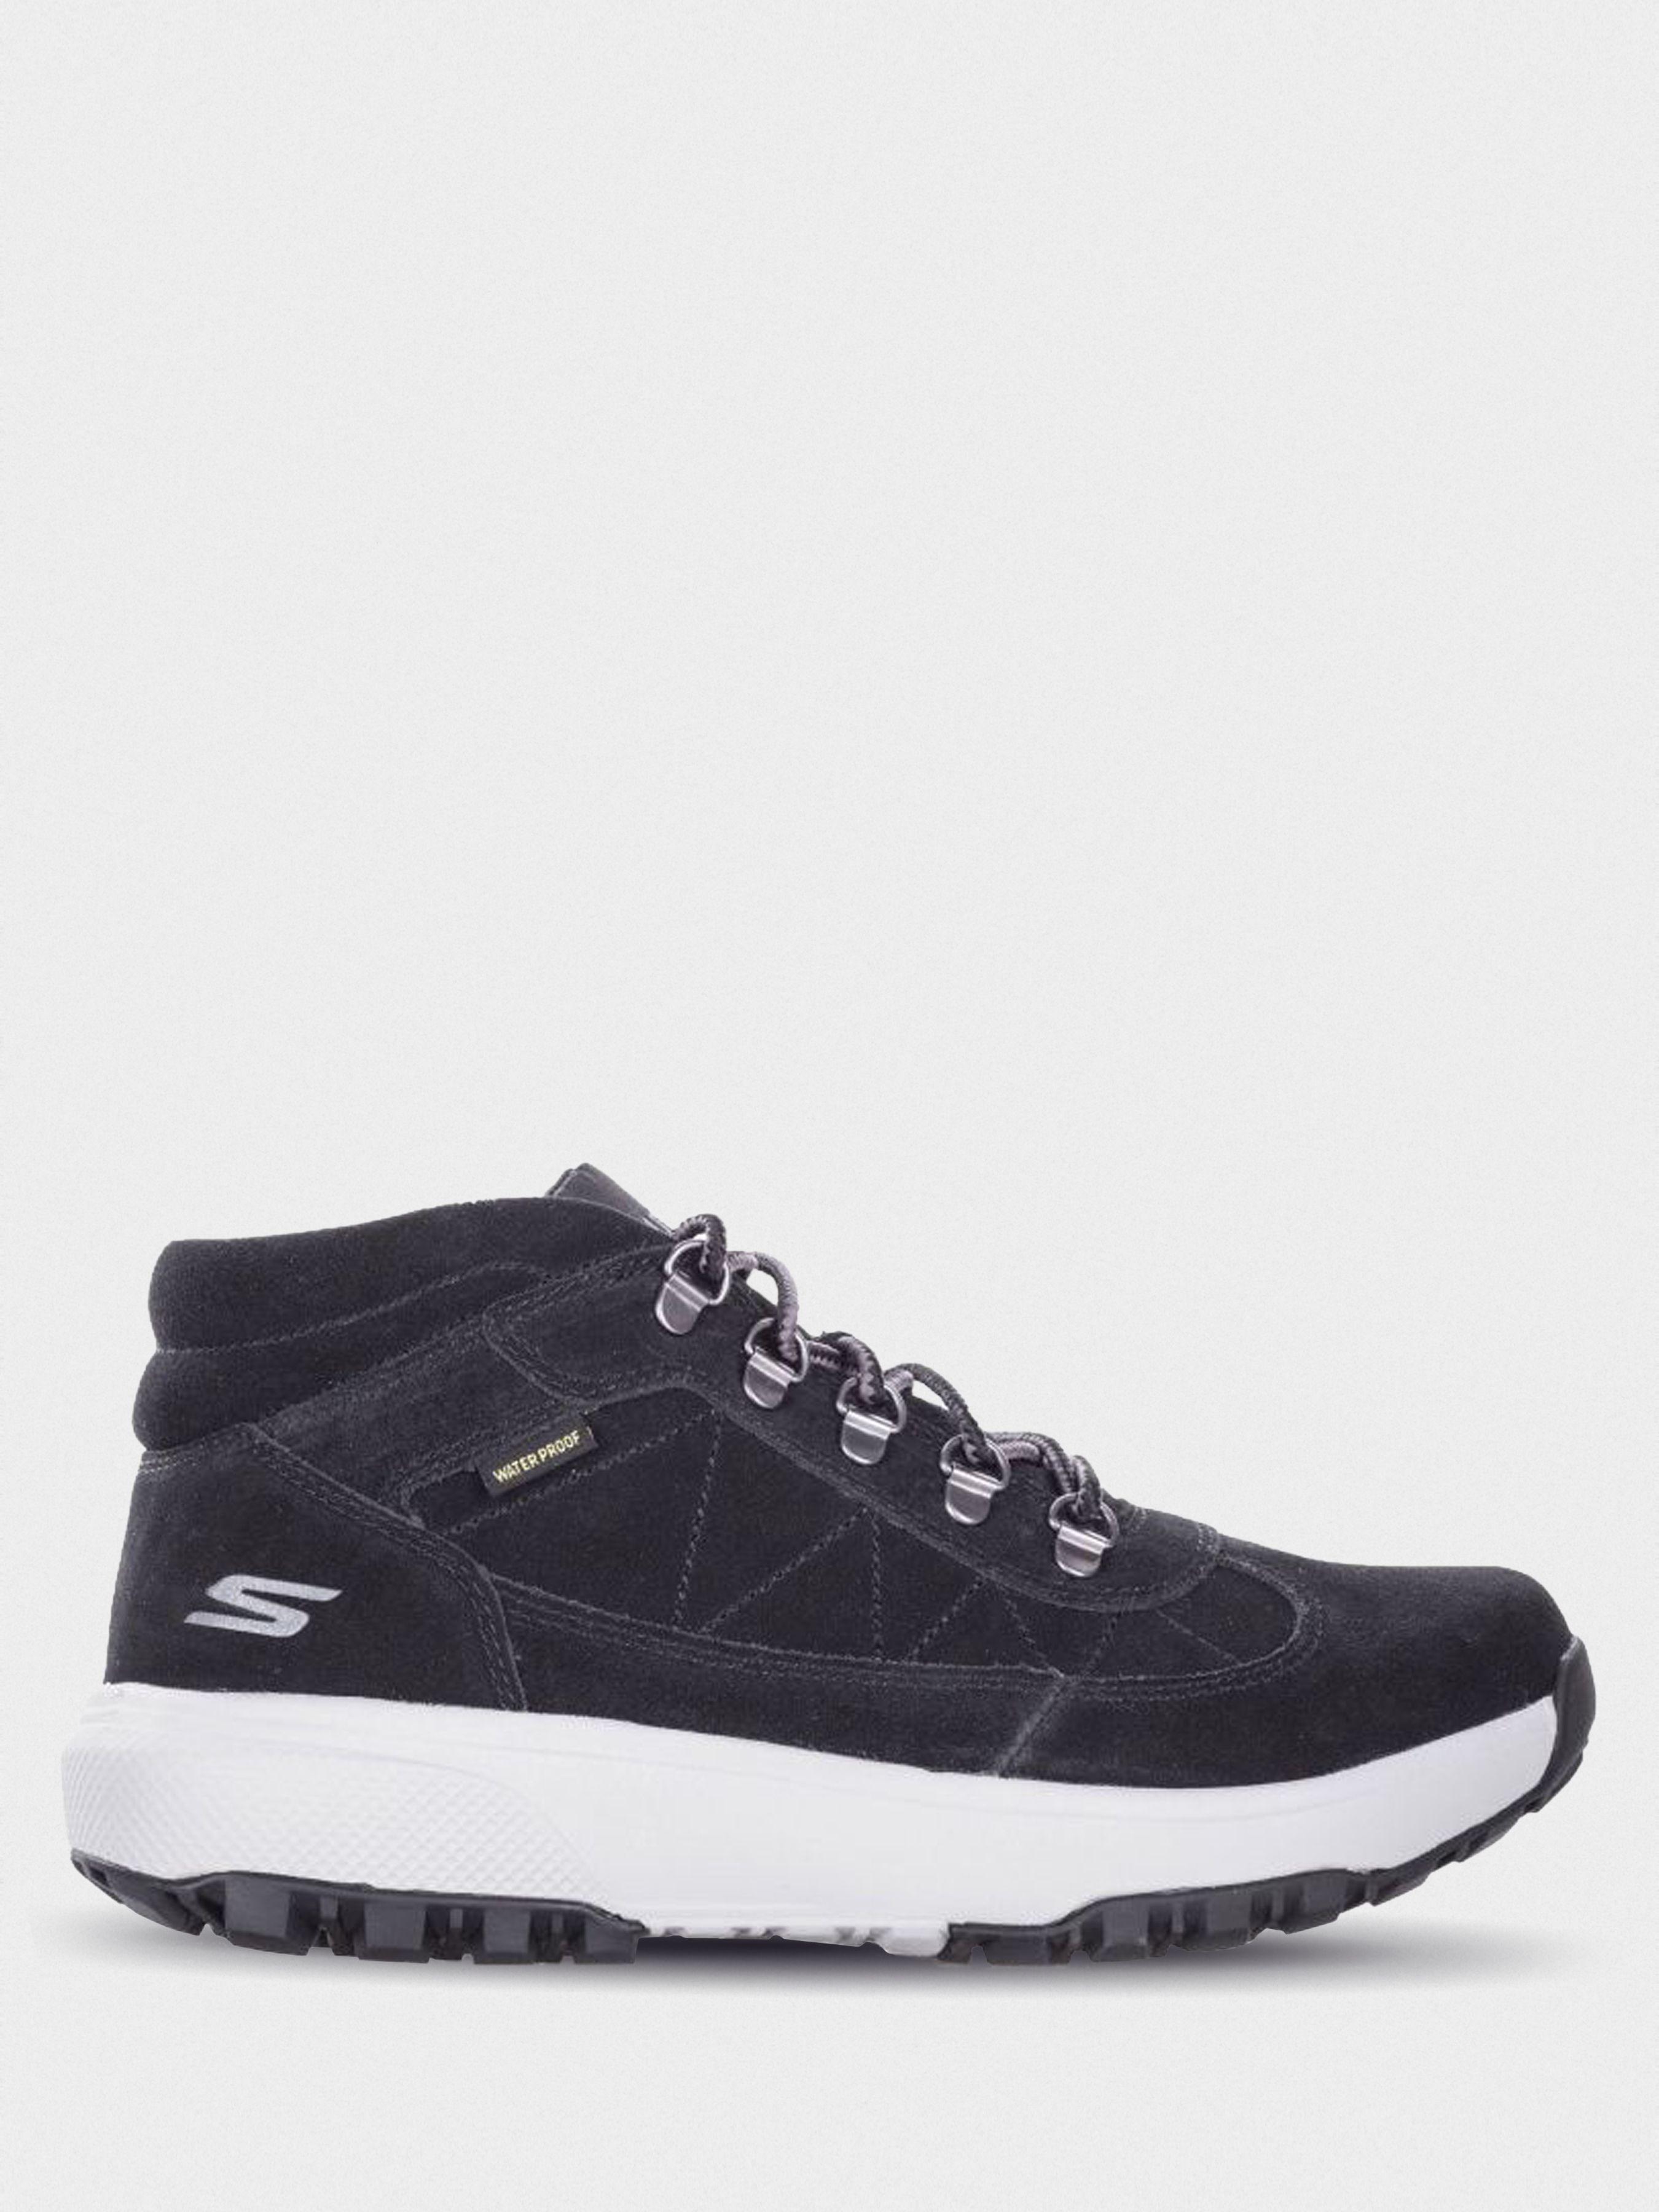 Купить Ботинки для мужчин Skechers KM3055, Черный